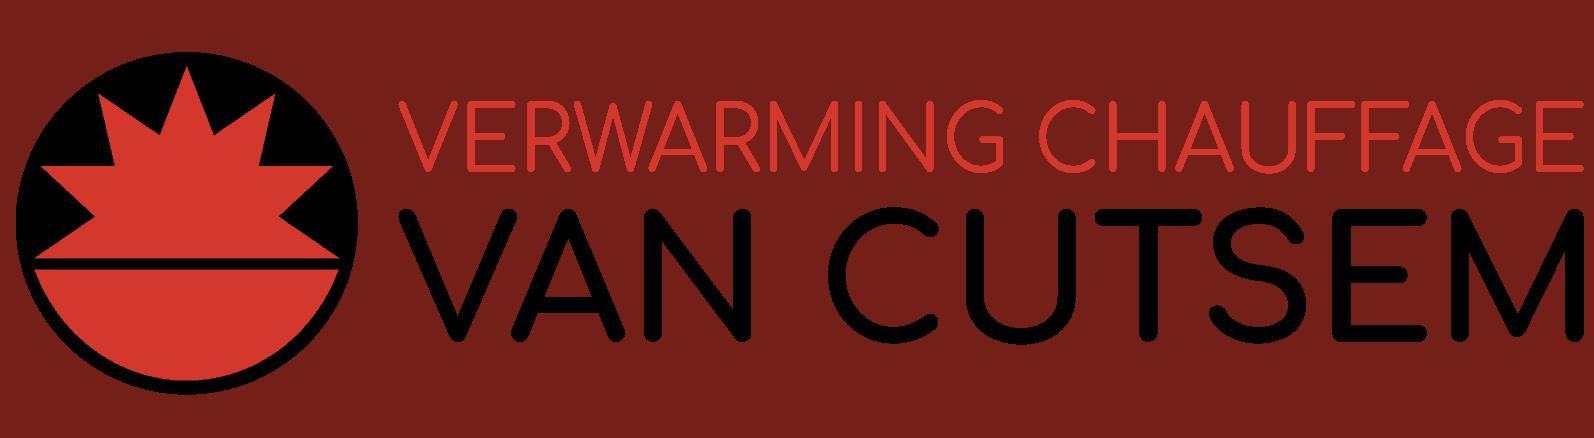 Verwarming Van Cutsem